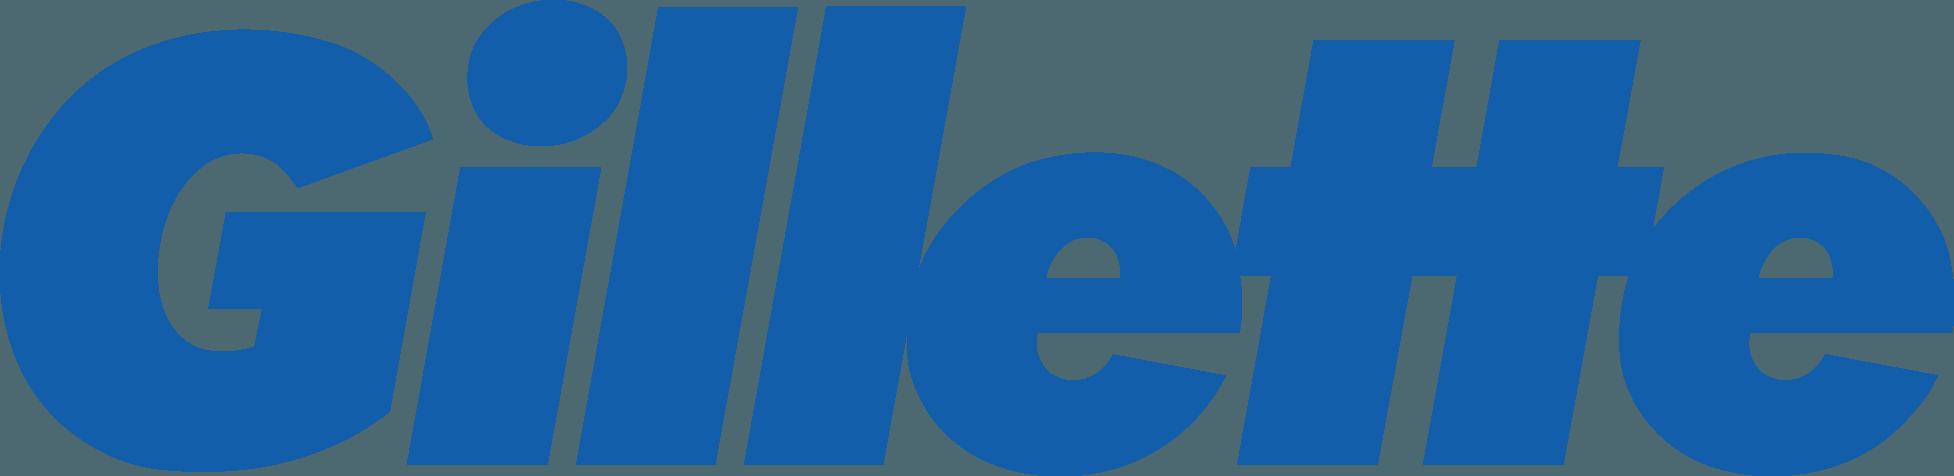 Gillette Logo Logodix